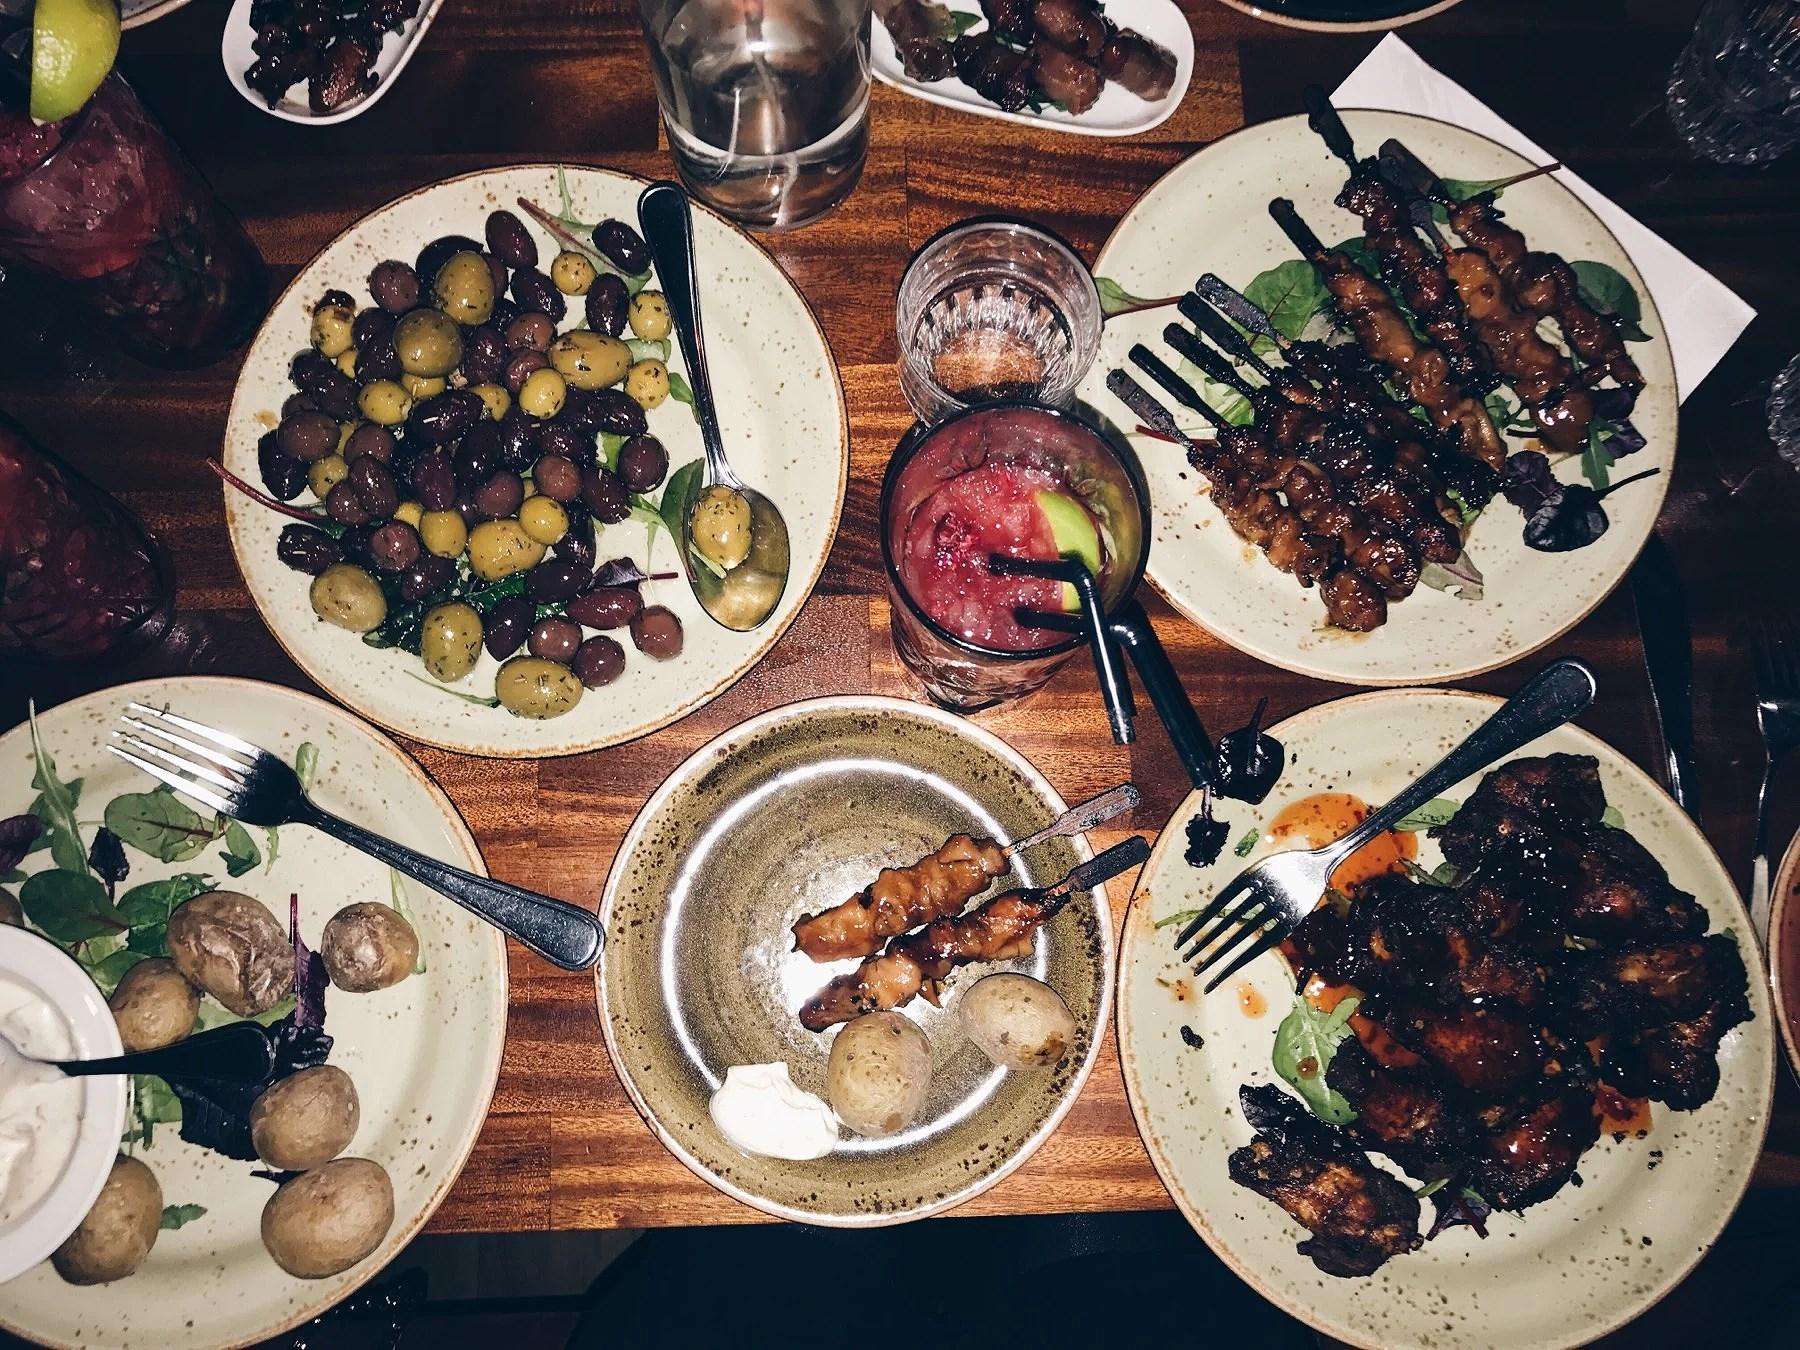 Middag på Manana